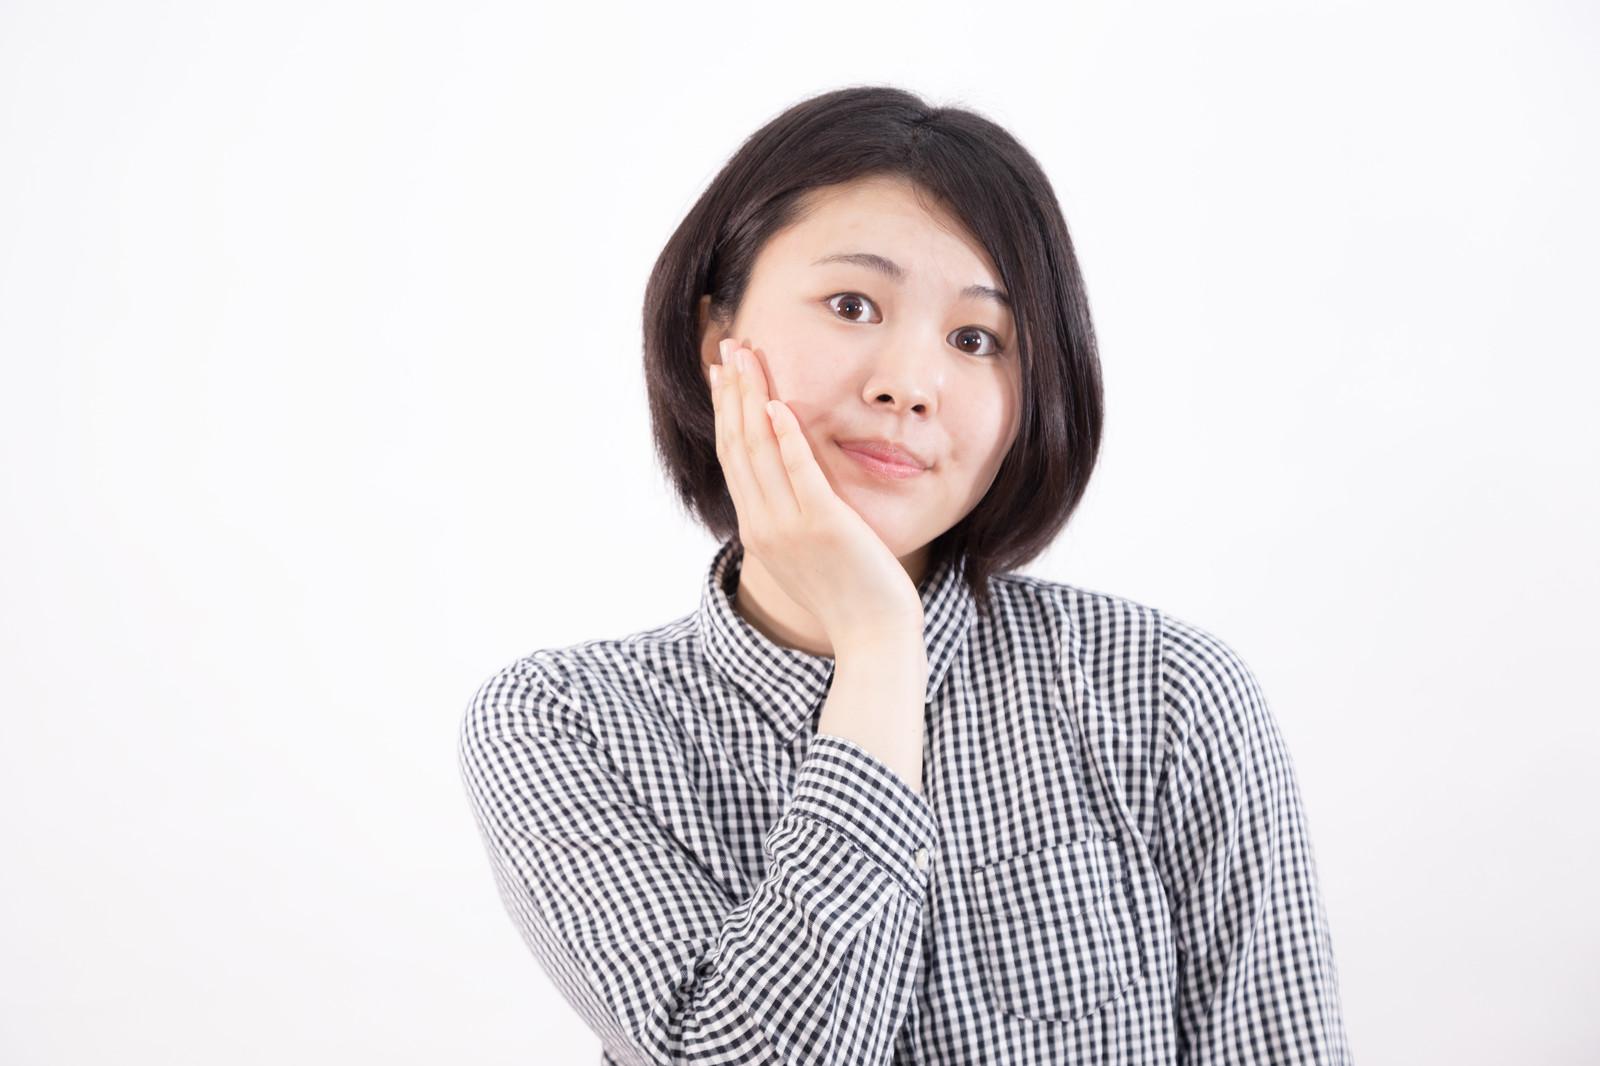 ホワイトニング中に知覚過敏、どうする?知覚過敏対策を徹底解説